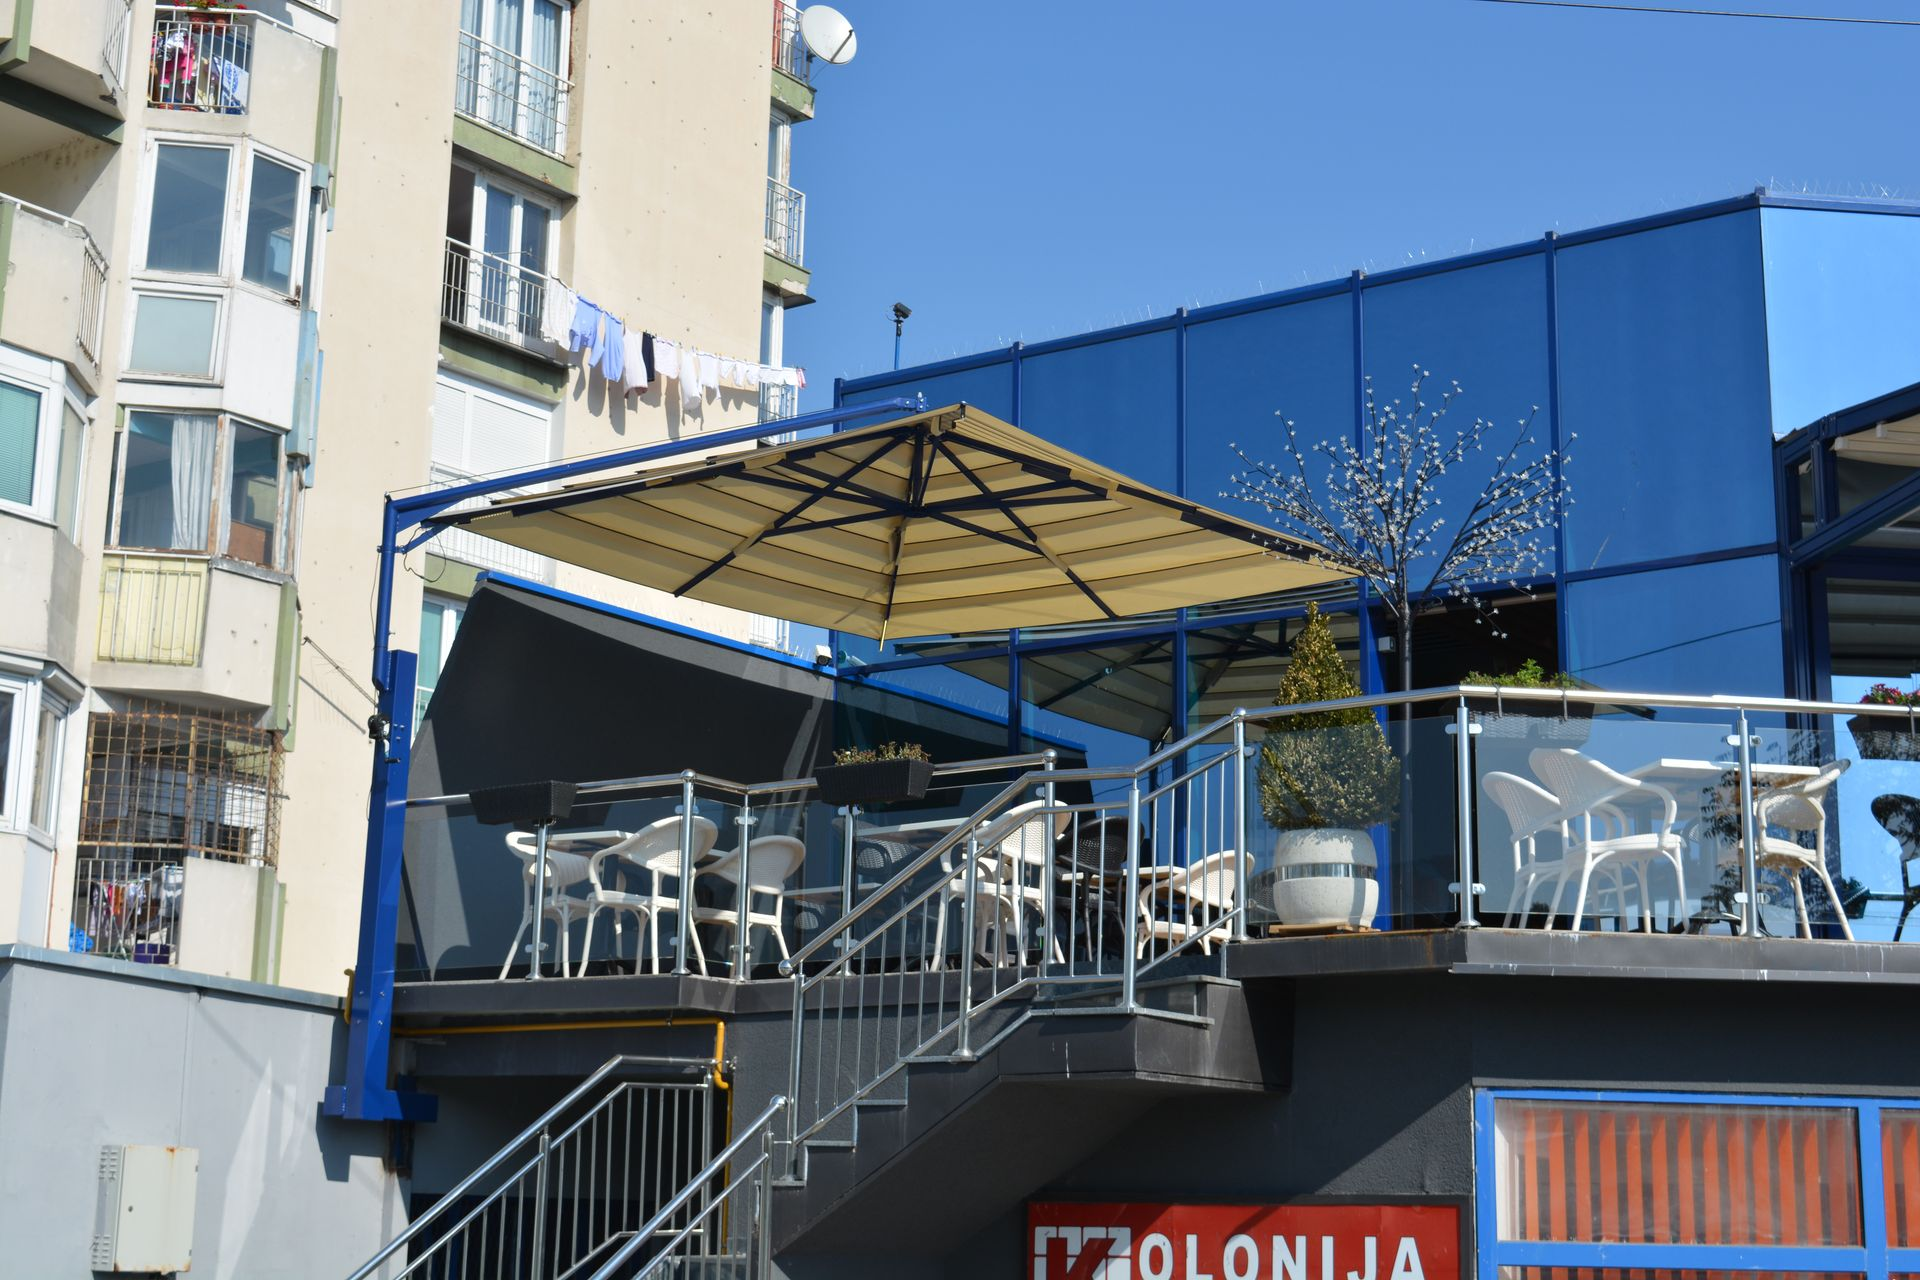 talento-steel-wall-mounted-umbrella-21